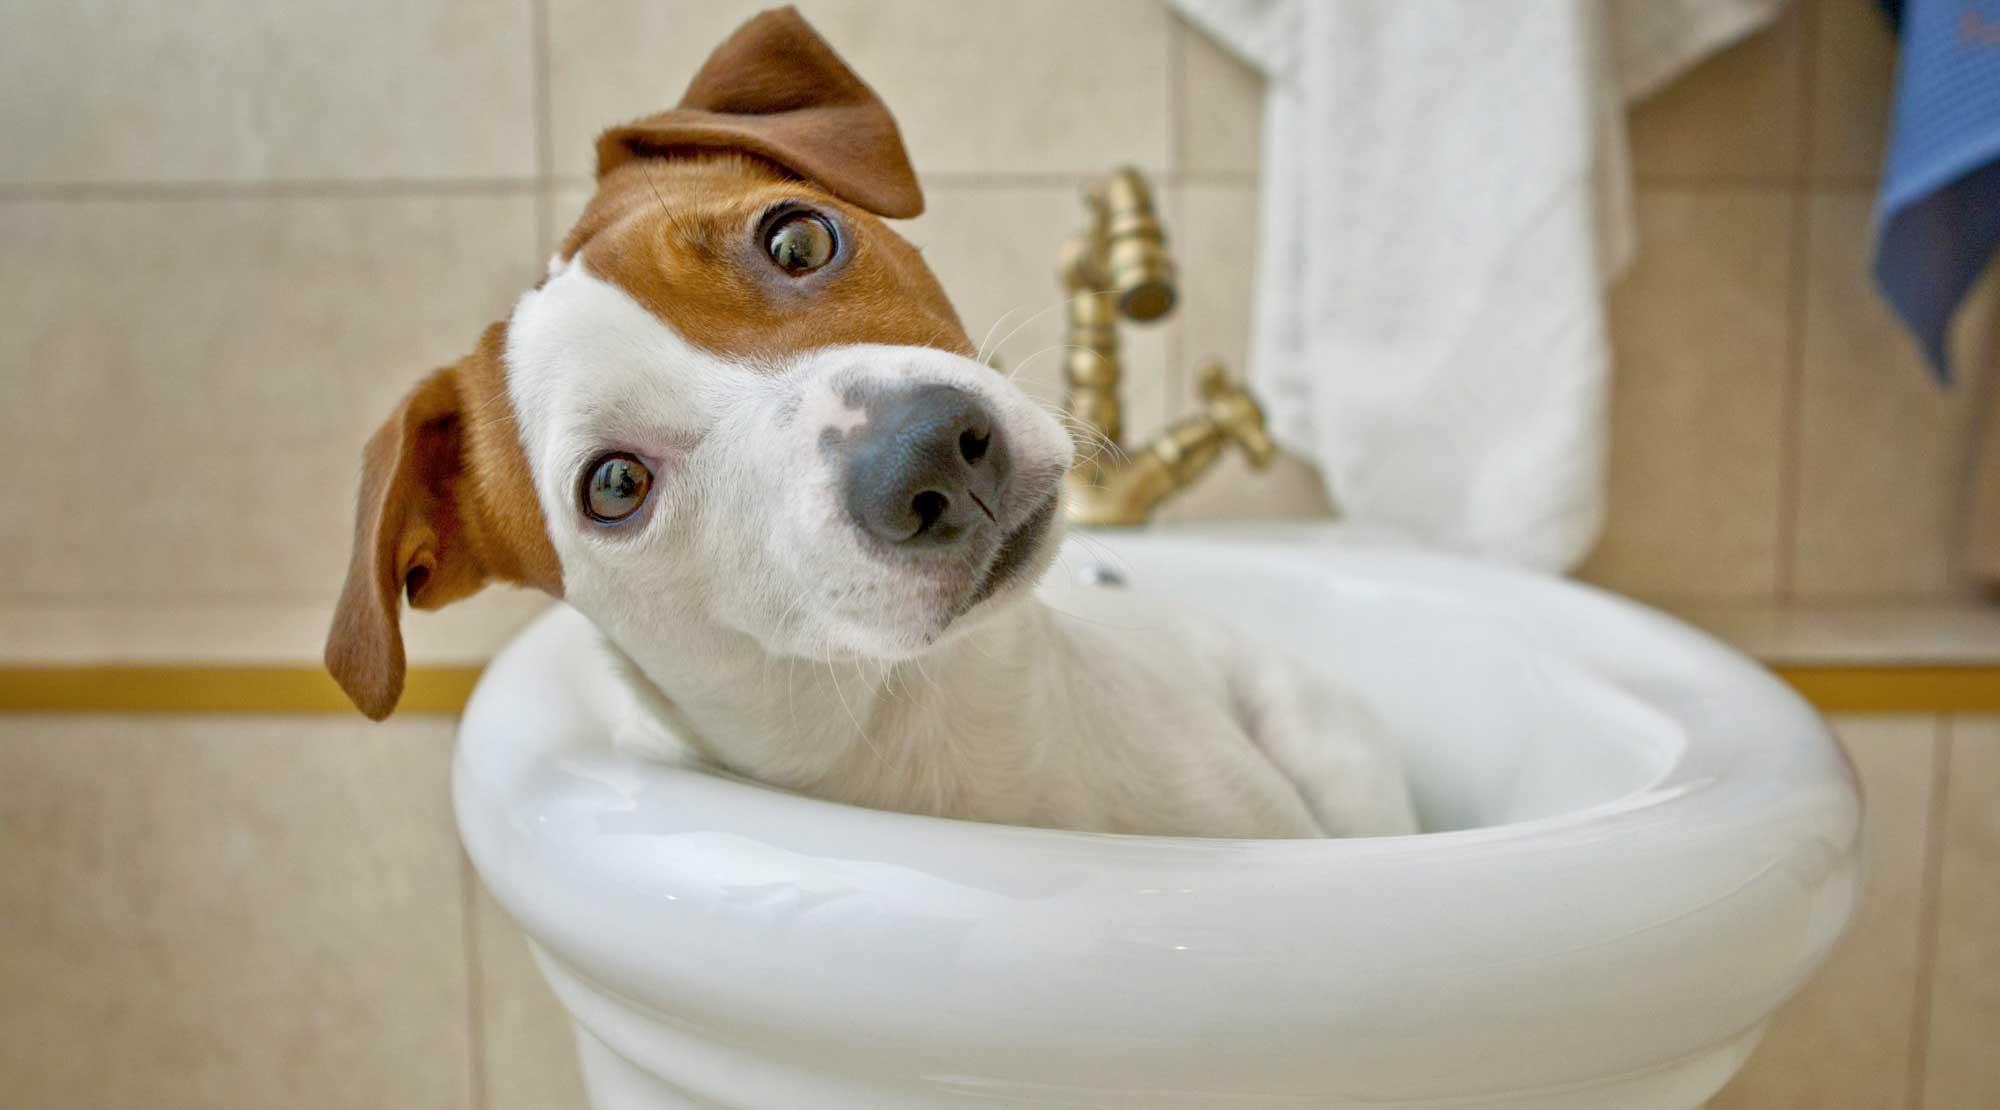 Cane al bagno - Diarrea del cane - Veterinario San Giorgio